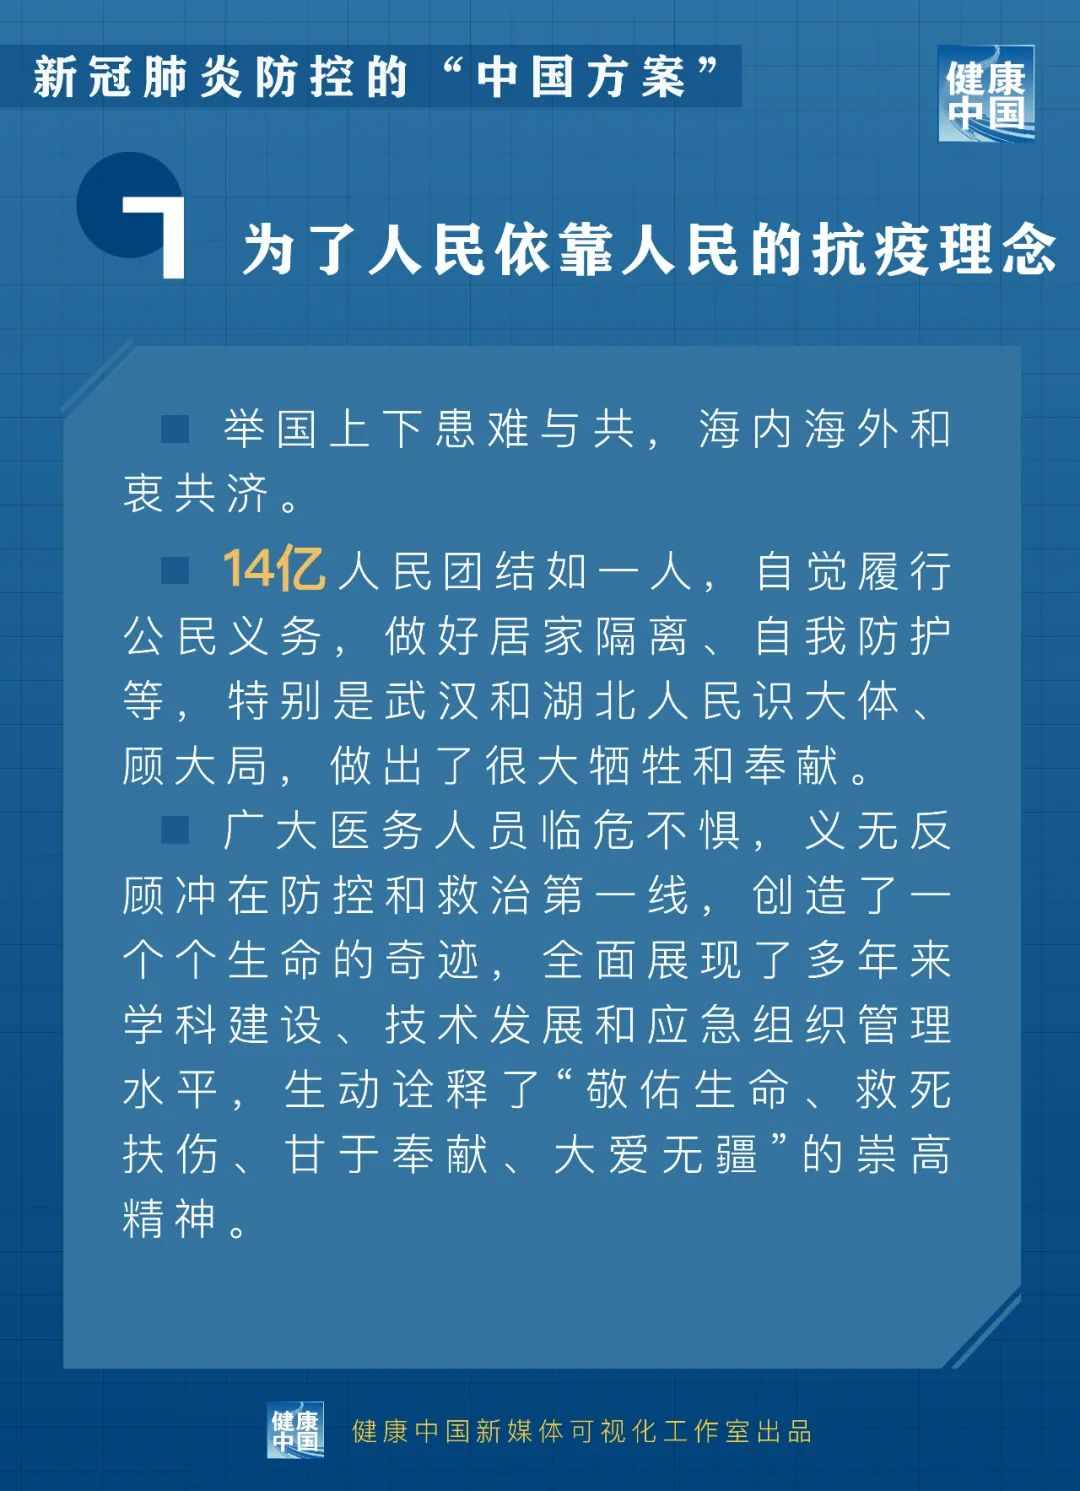 """一图读懂:新冠肺炎防控的""""中国方案"""""""